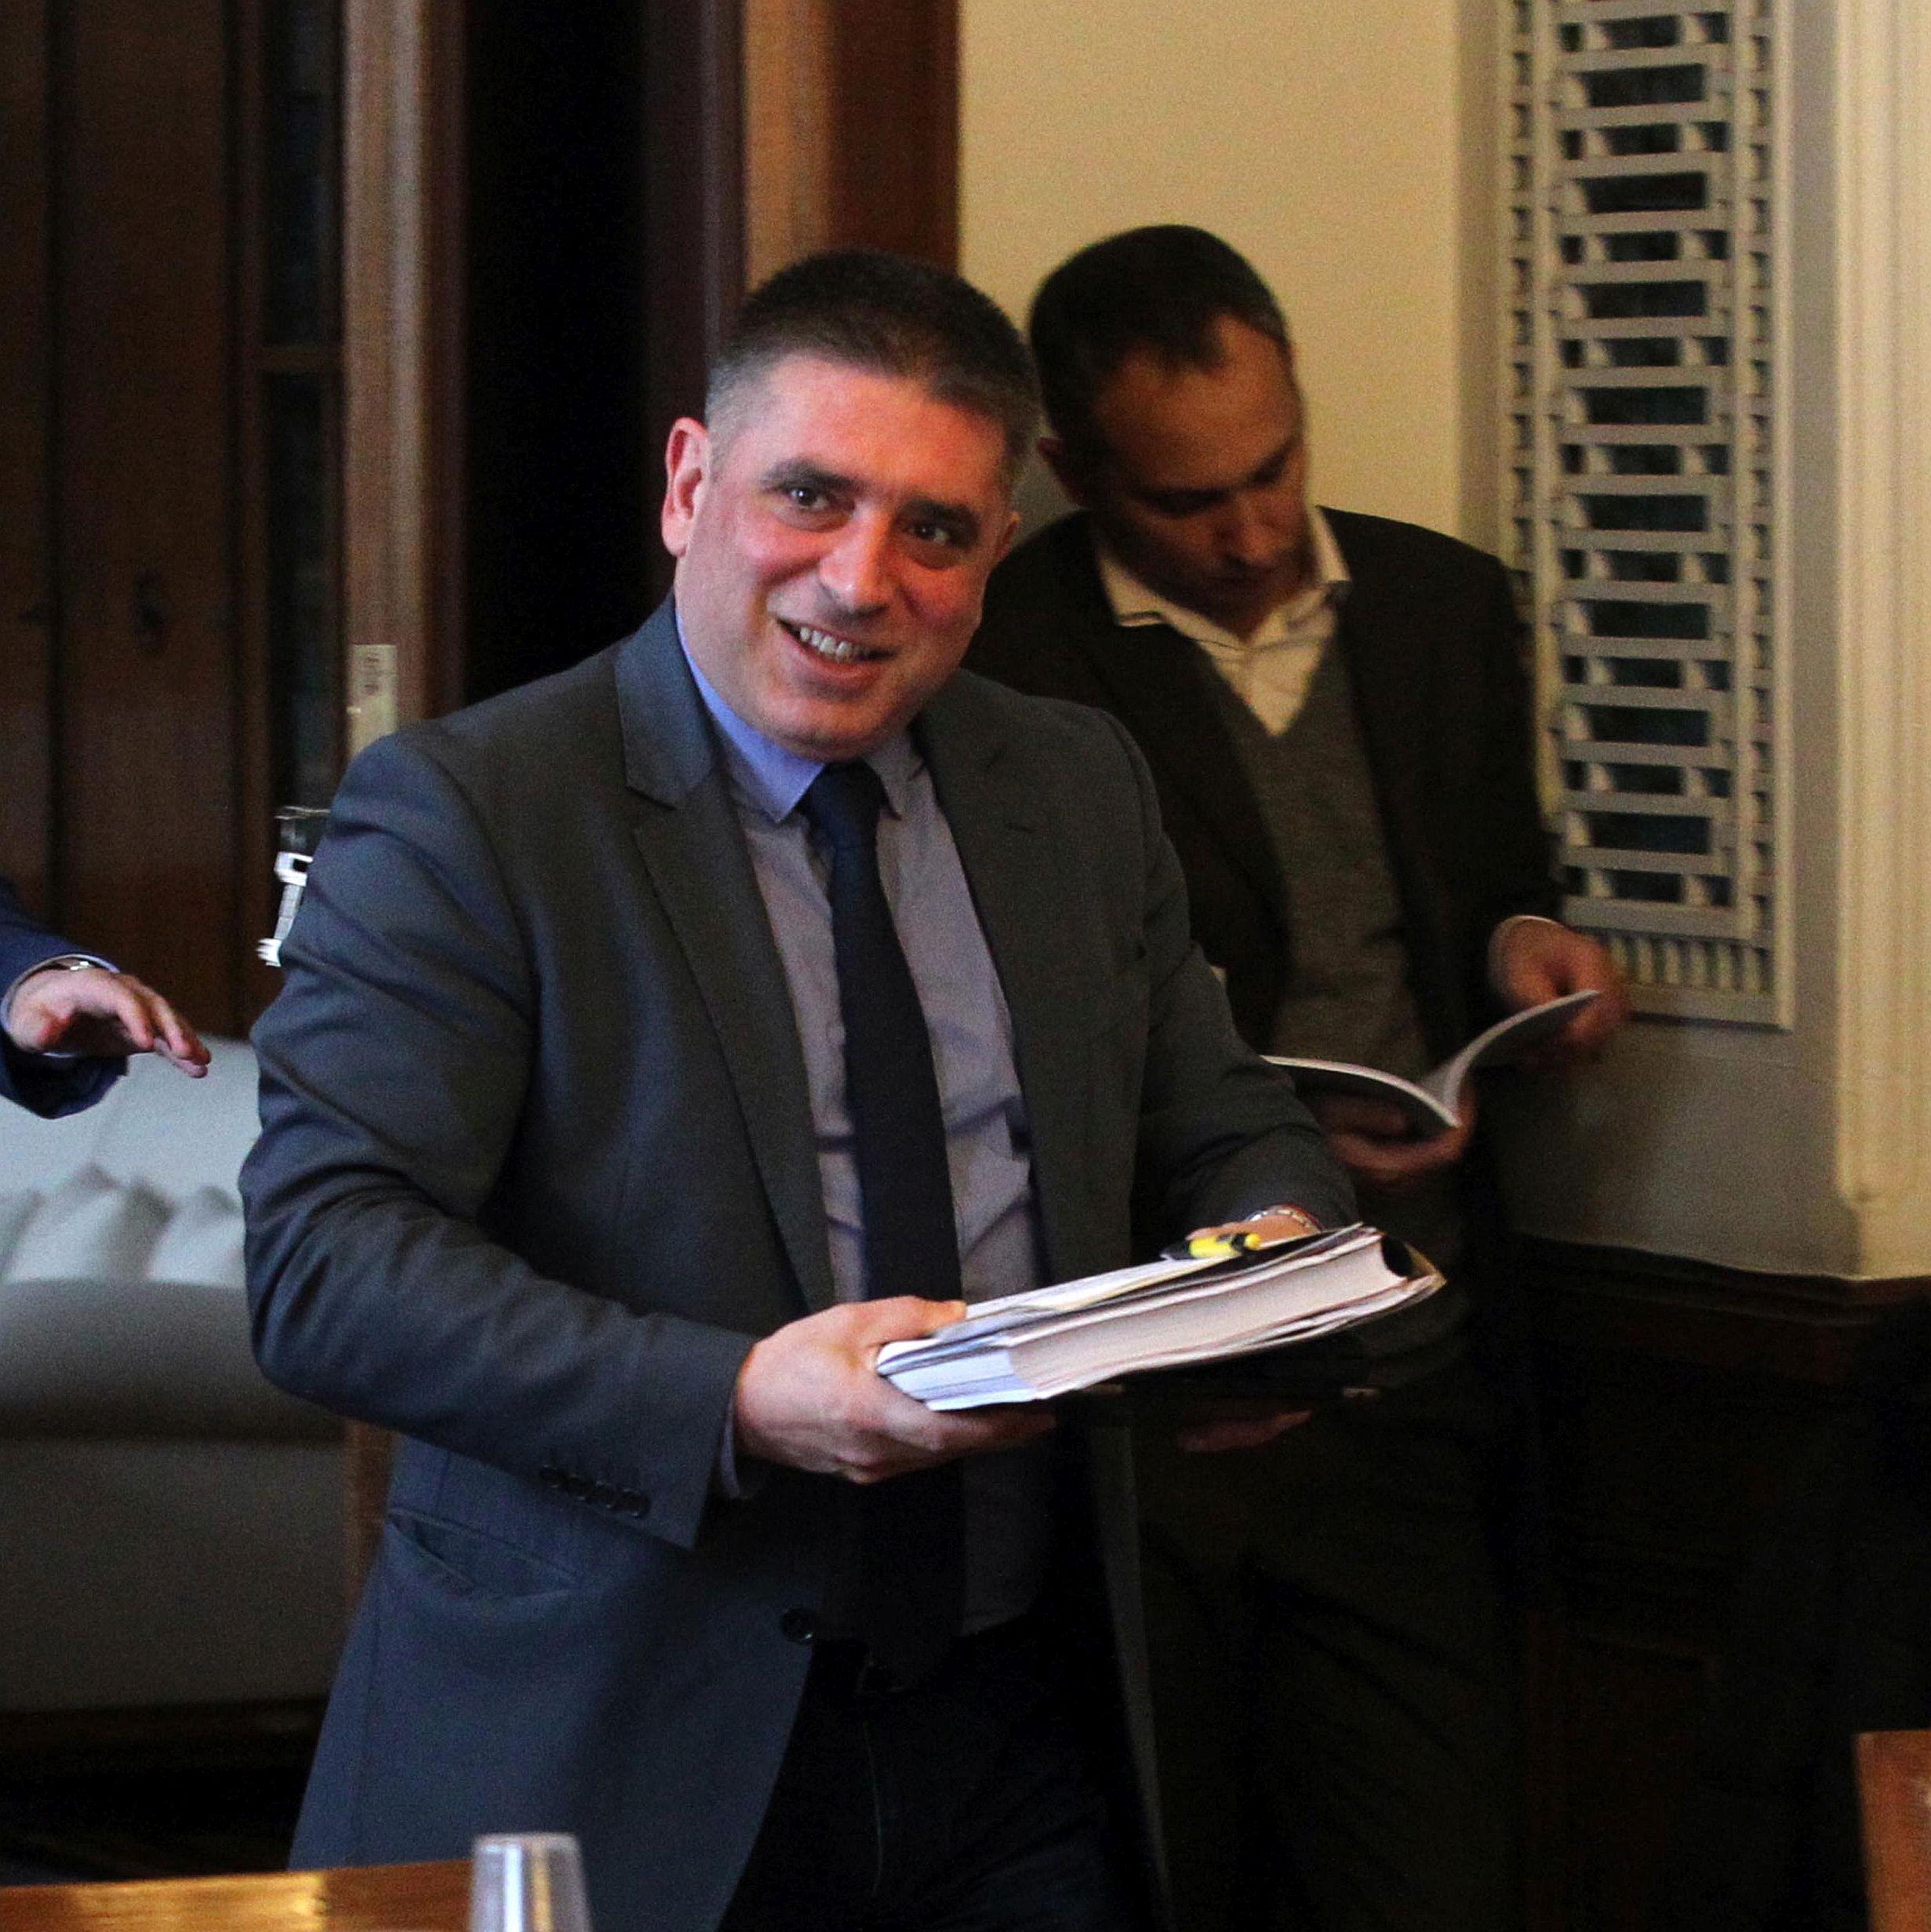 ГЕРБ: Няма основание за оставки на Симеонов и Радев